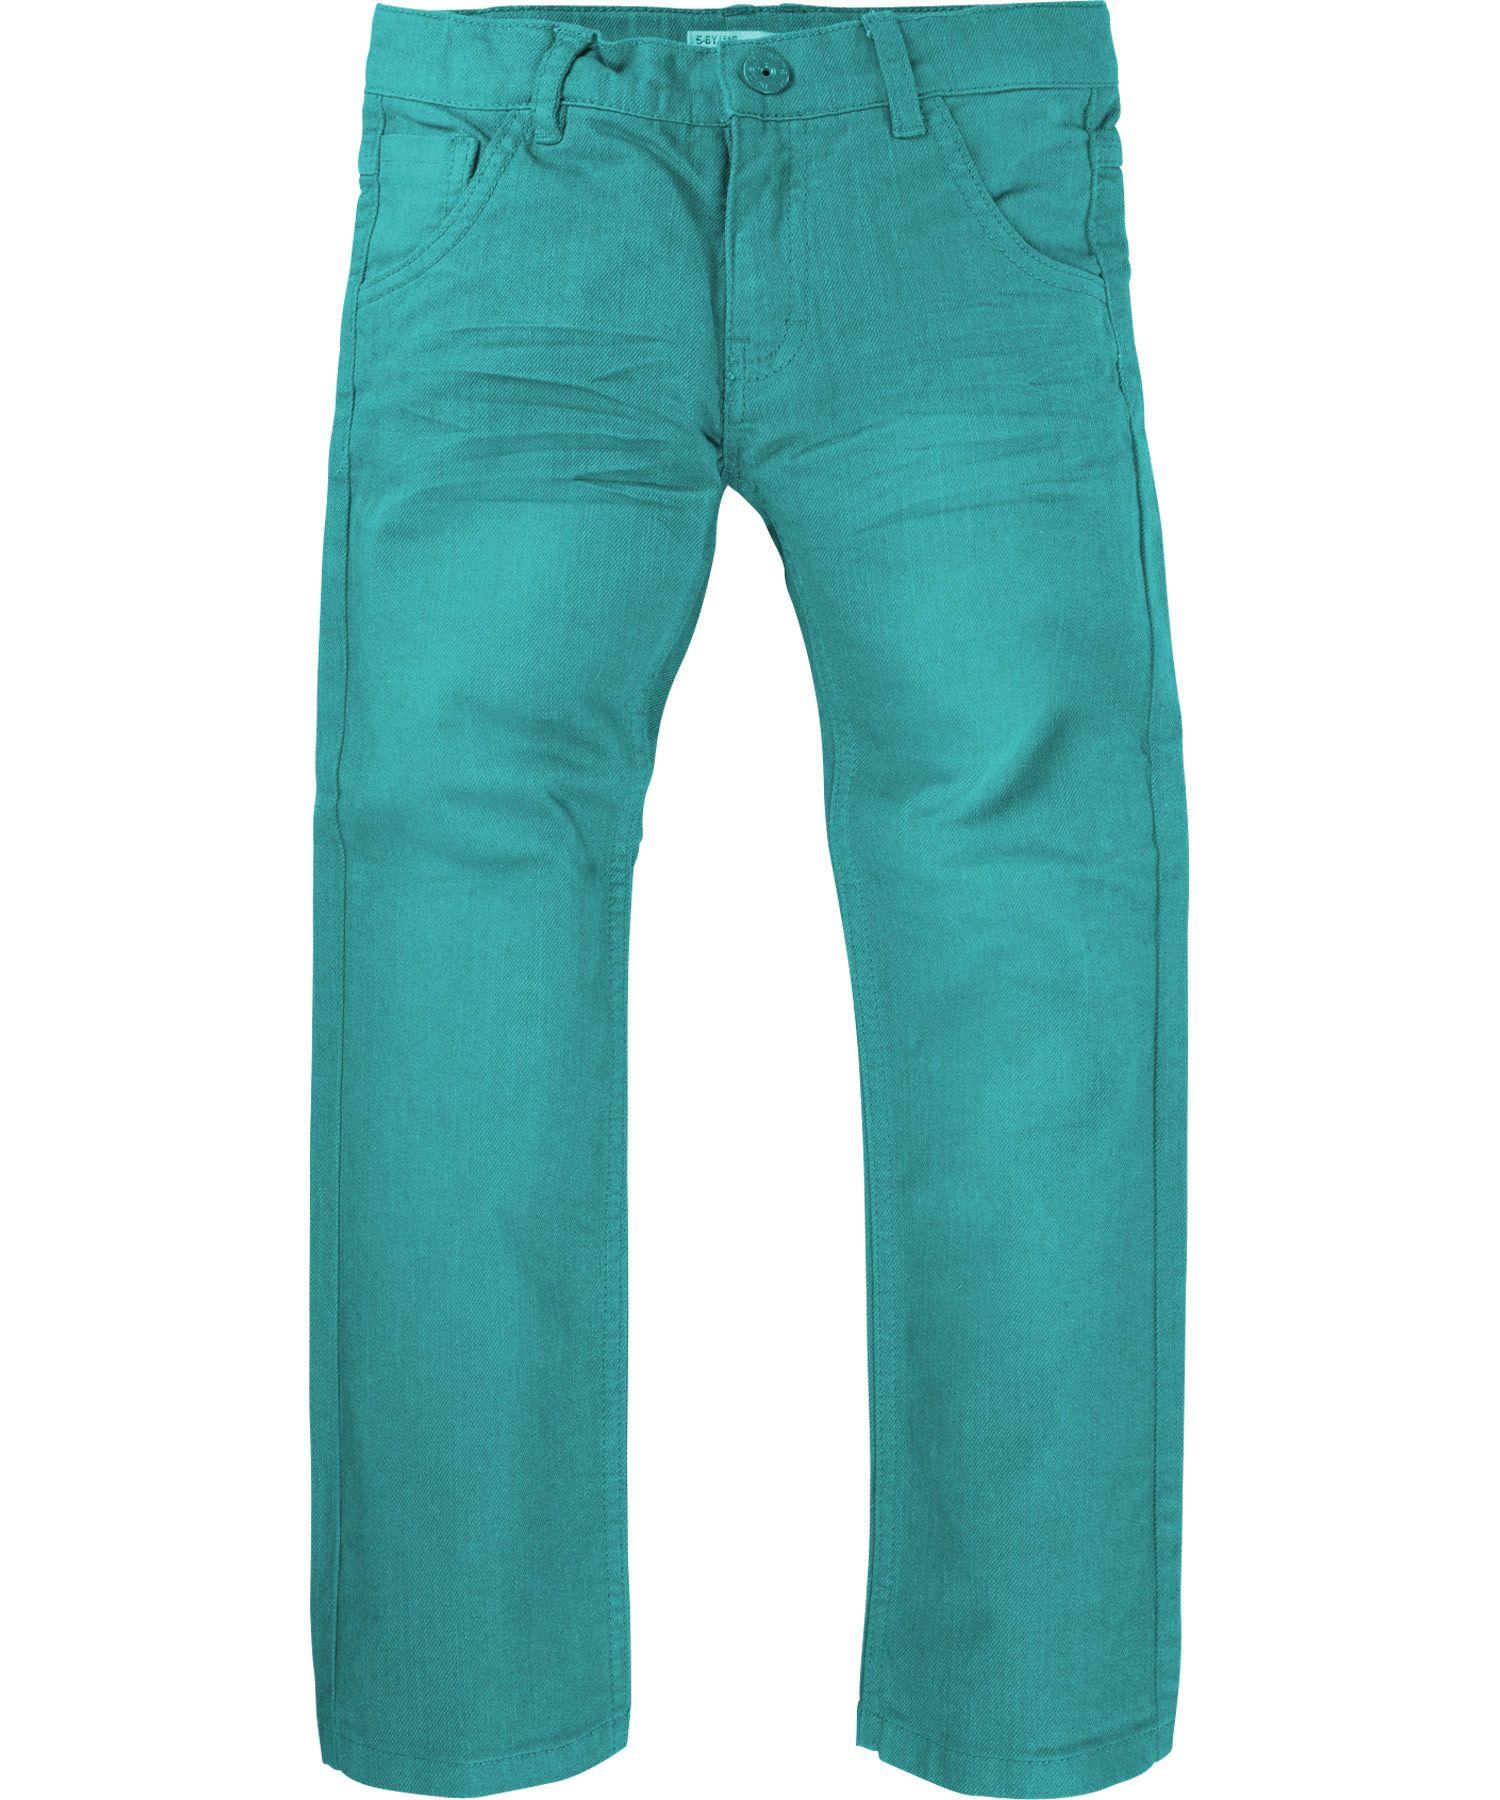 991e965c2b38ac Name It Groen-Blauwe denim broek met Aanpasbare taille. name-it.nl.emilea.be